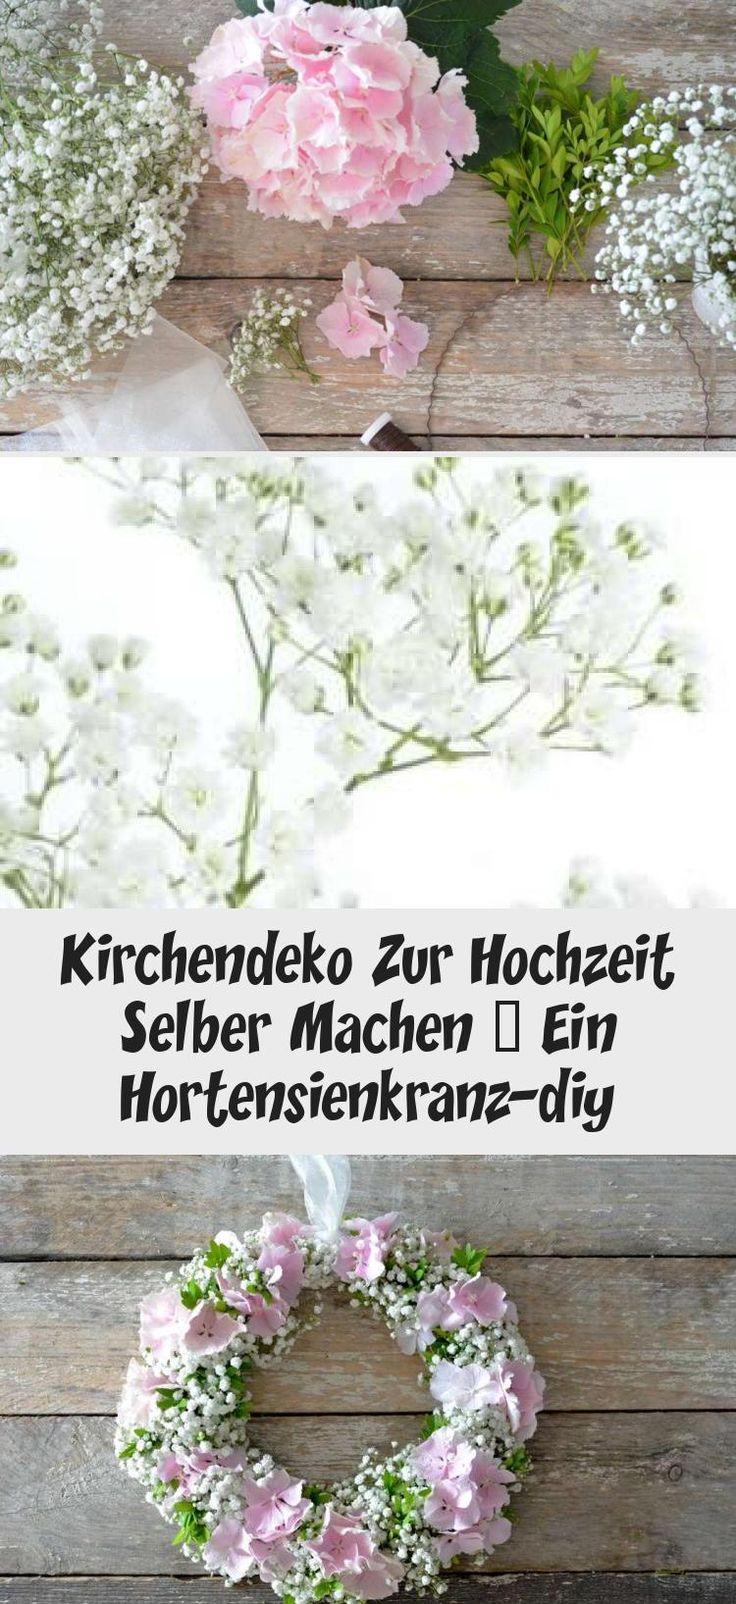 Kirchendeko Zur Hochzeit Selber Machen – Ein Hortensienkranz-diy  – Brautfrisuren